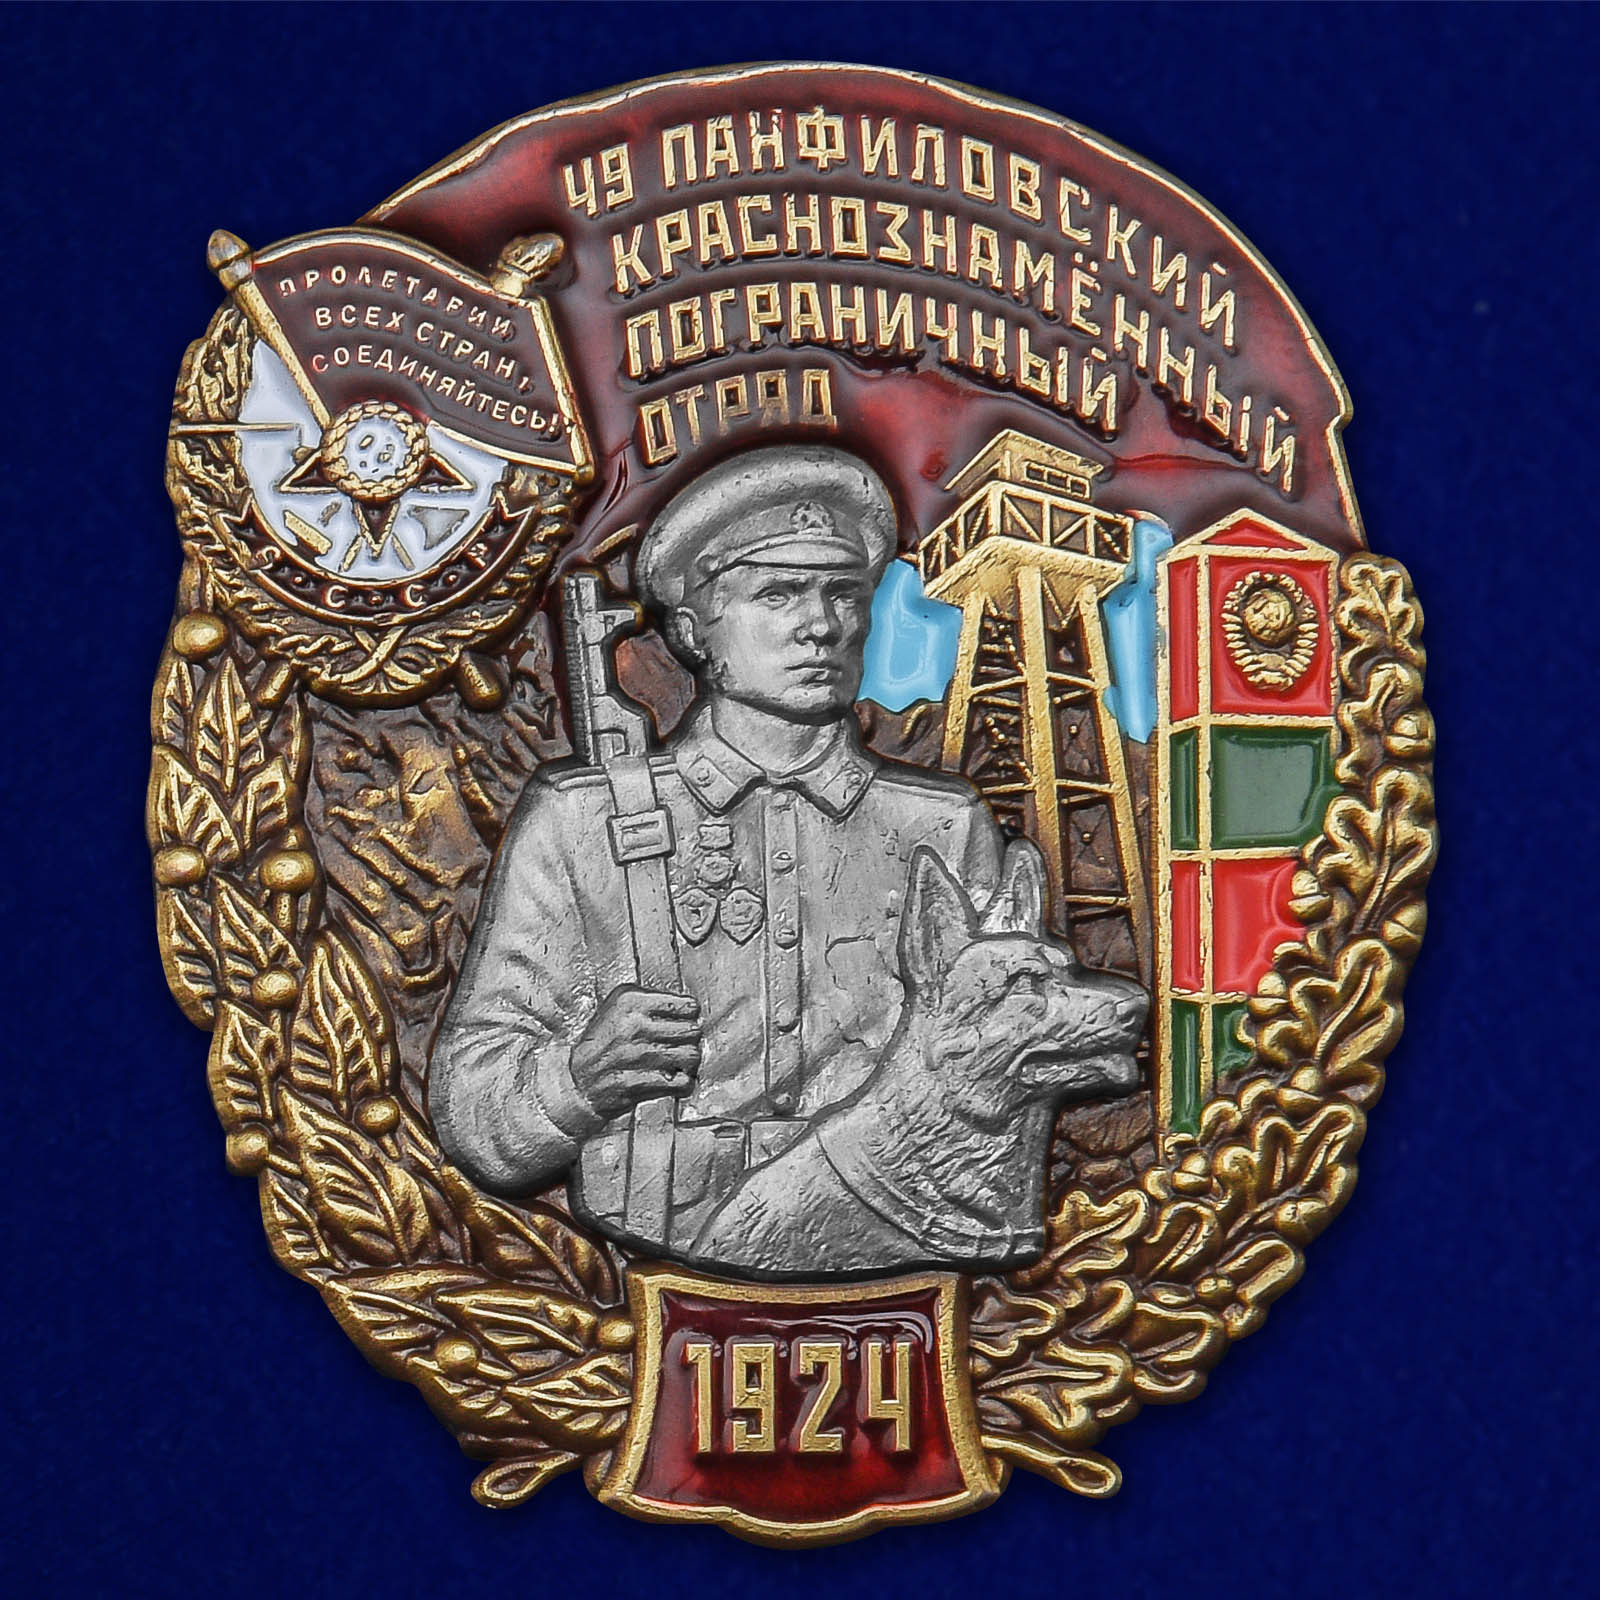 Знак 49 Панфиловский Краснознамённый Пограничный отряд